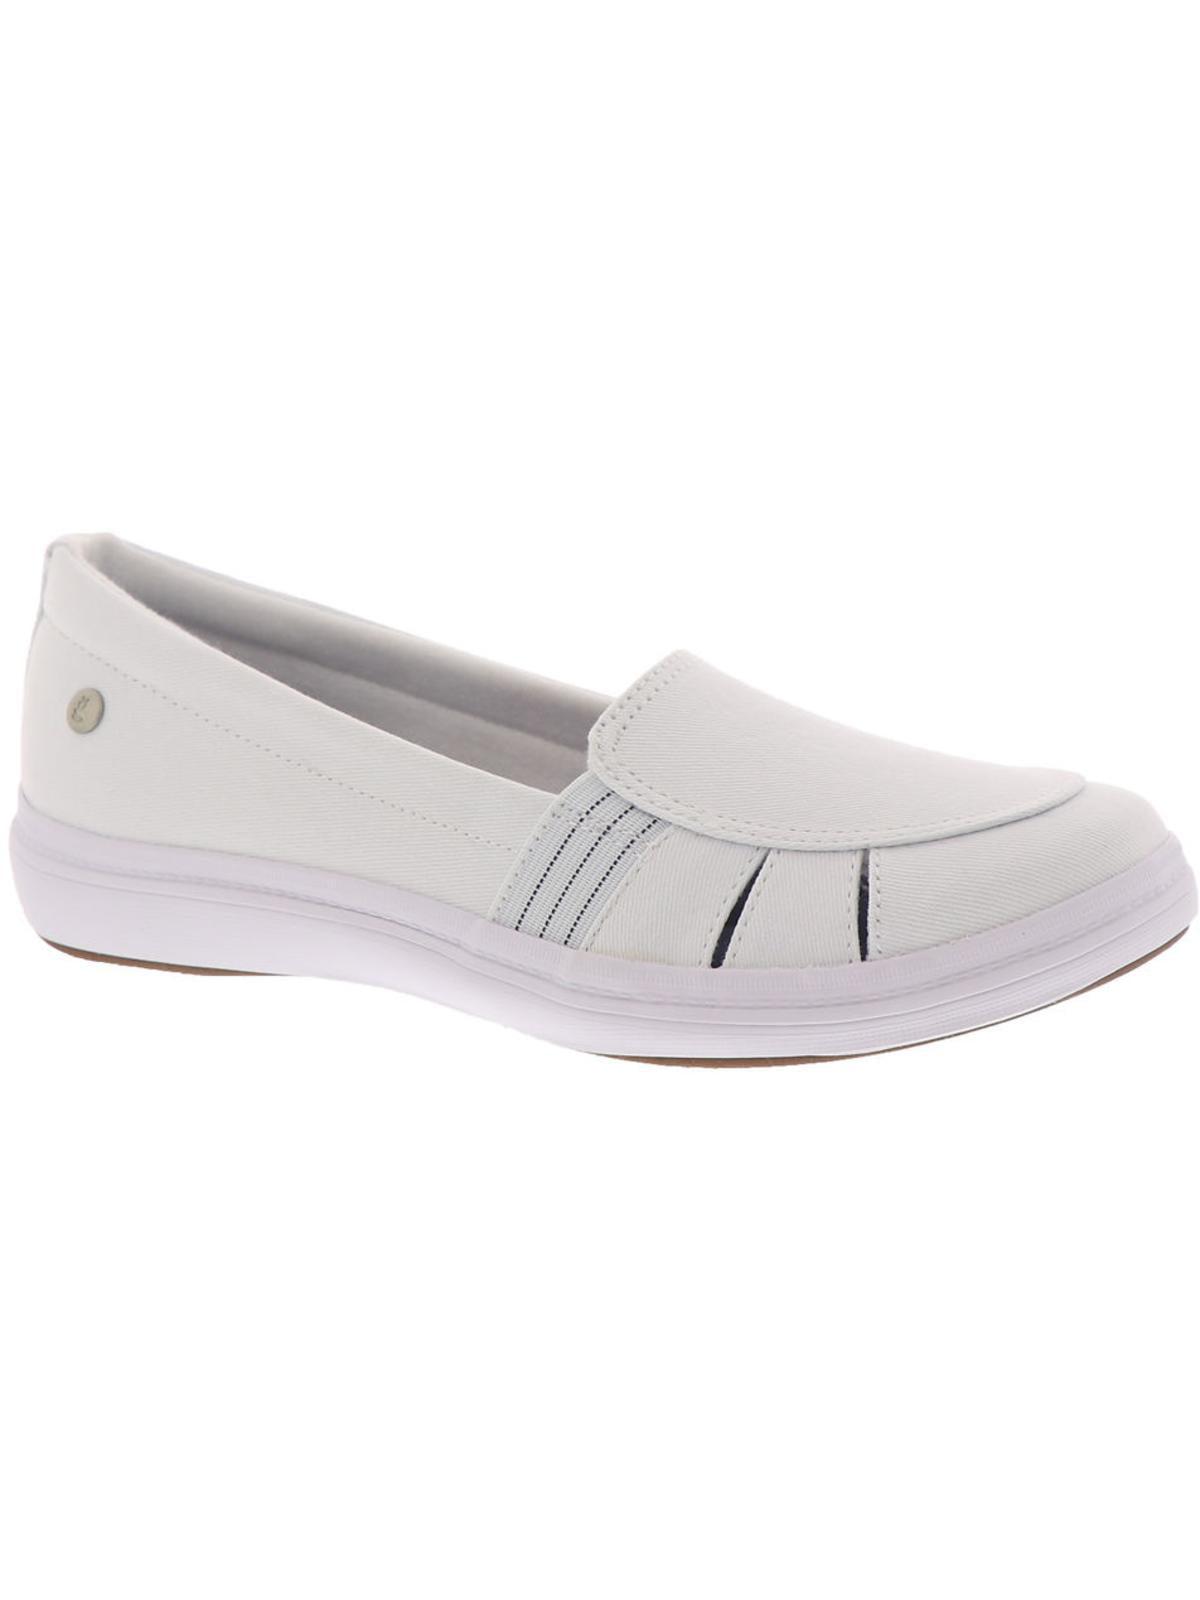 Grasshoppers Womens Shoes - Walmart.com